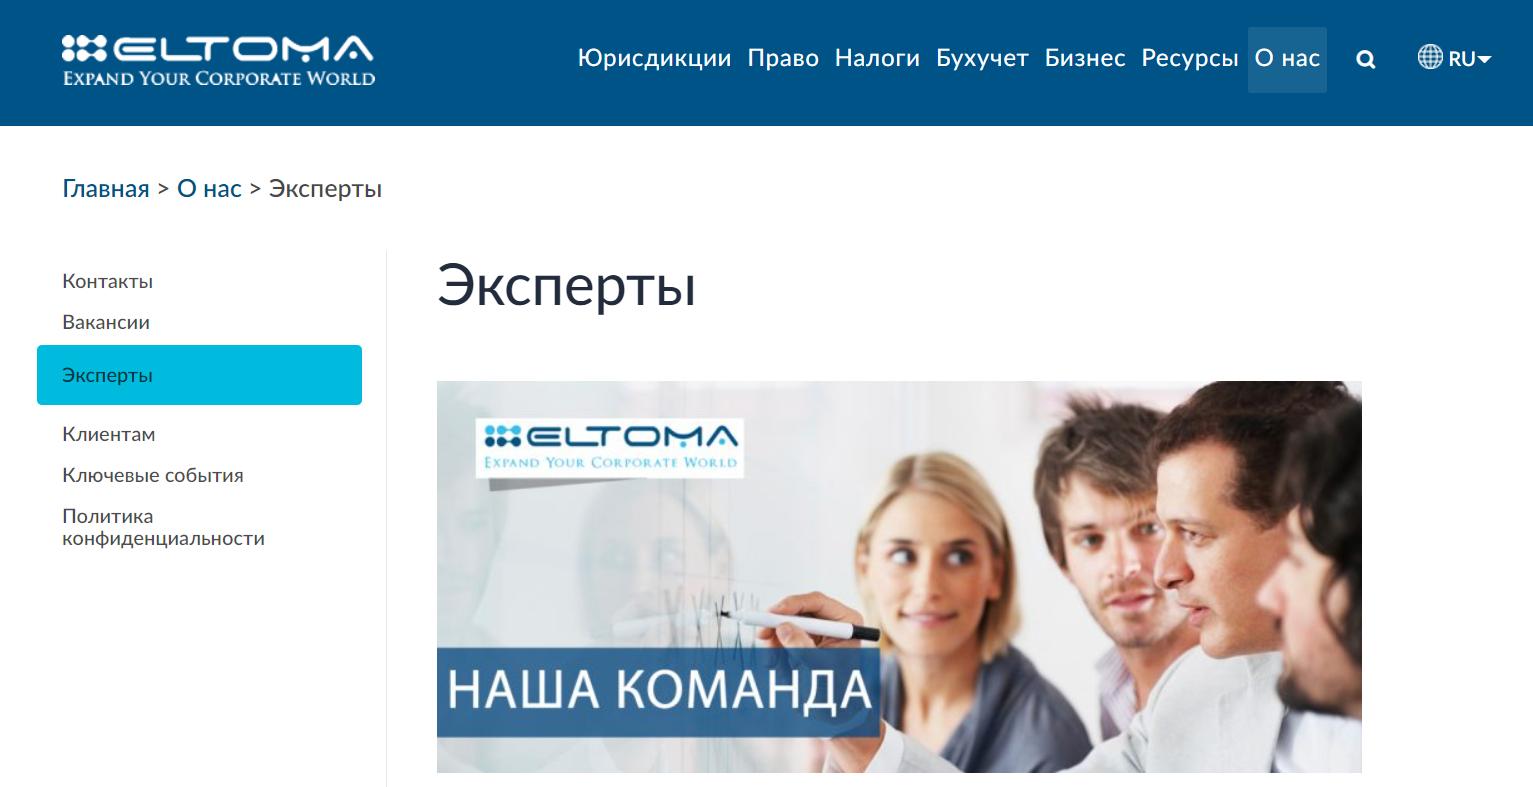 О компании Eltoma Corporate Services